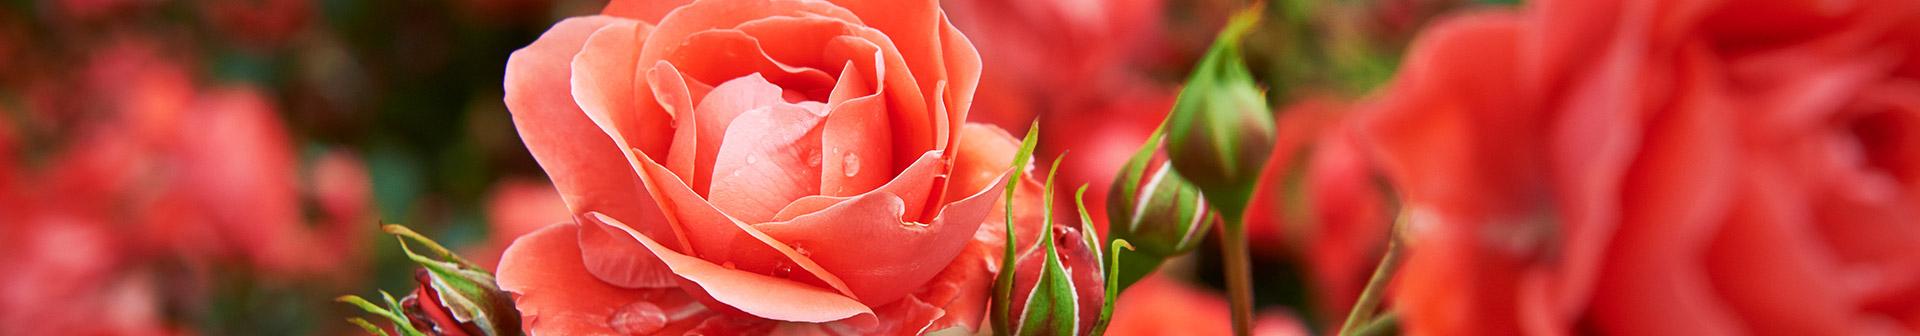 rosenpflanzen_kaufen_gaertnerei_erlangen